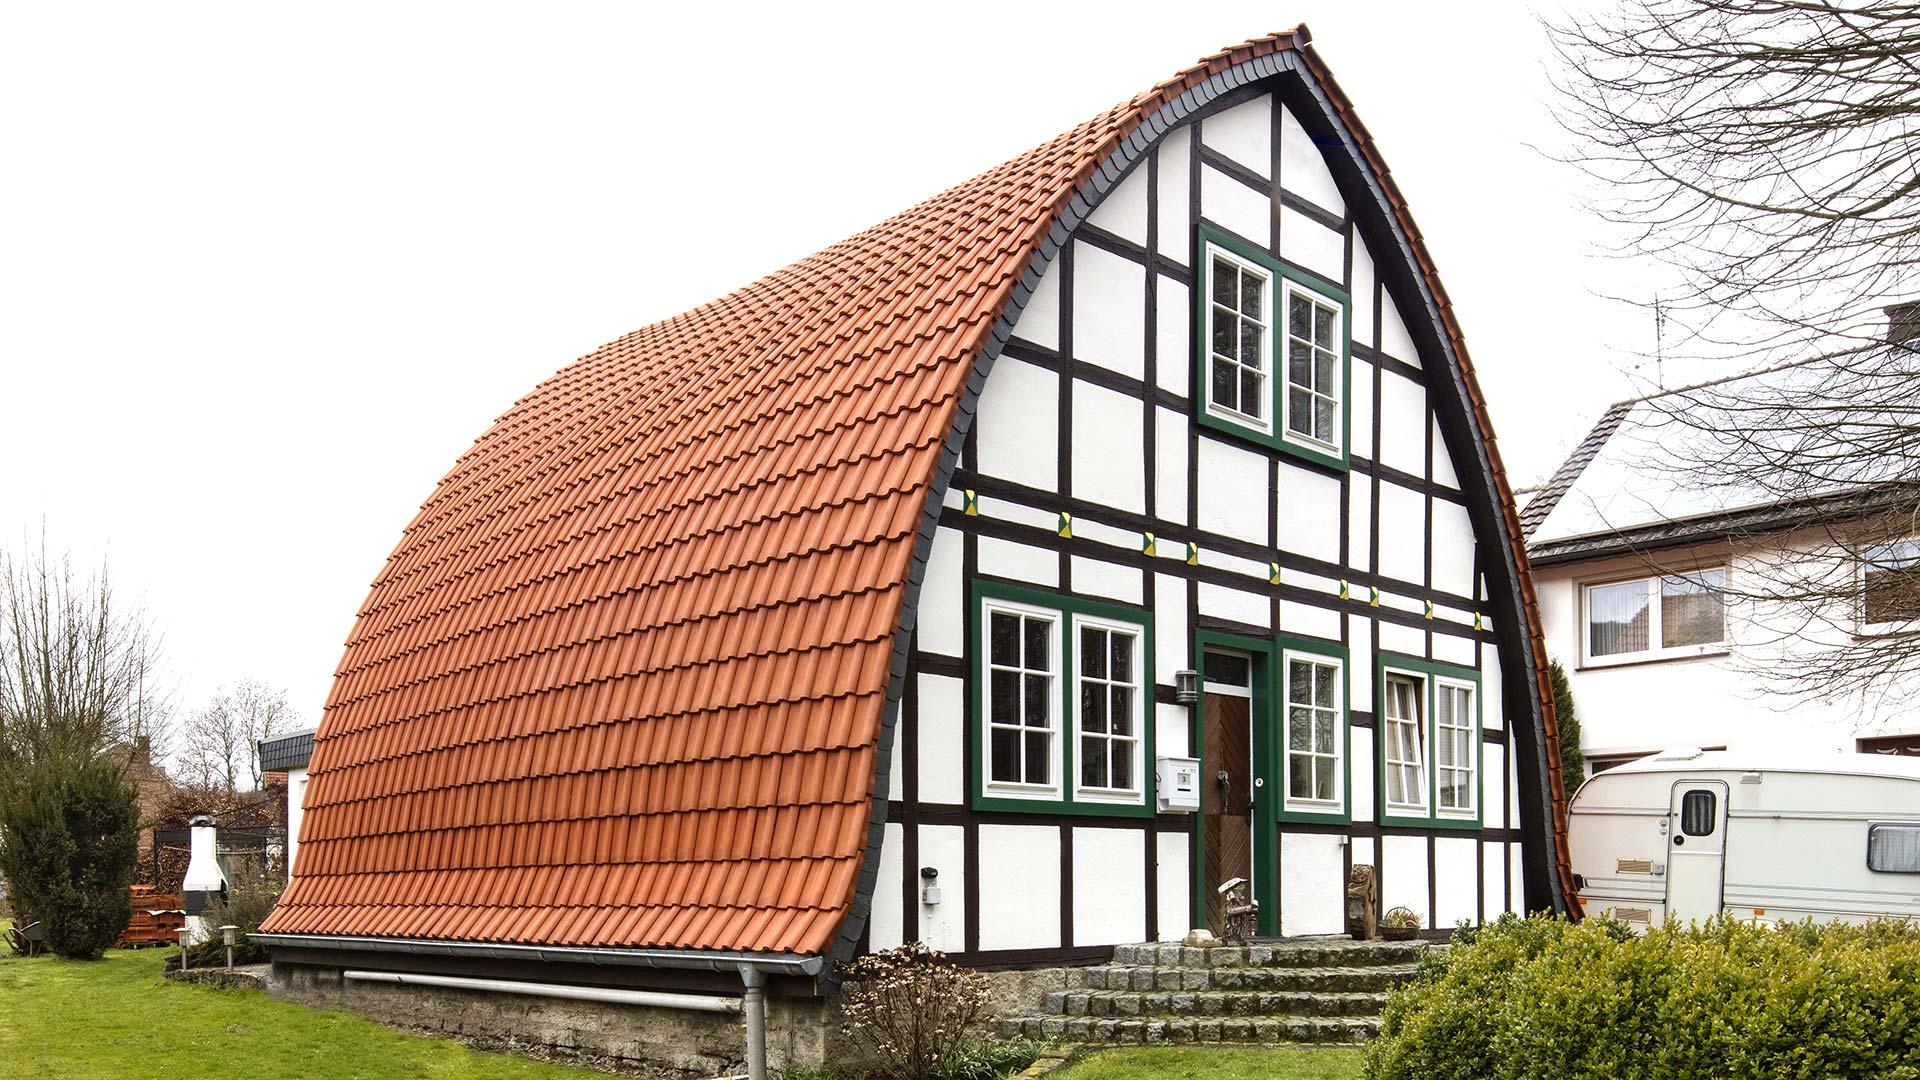 Architekturfotografie: Dach bis zum Boden | Foto: Dieter Eikenberg, imprints